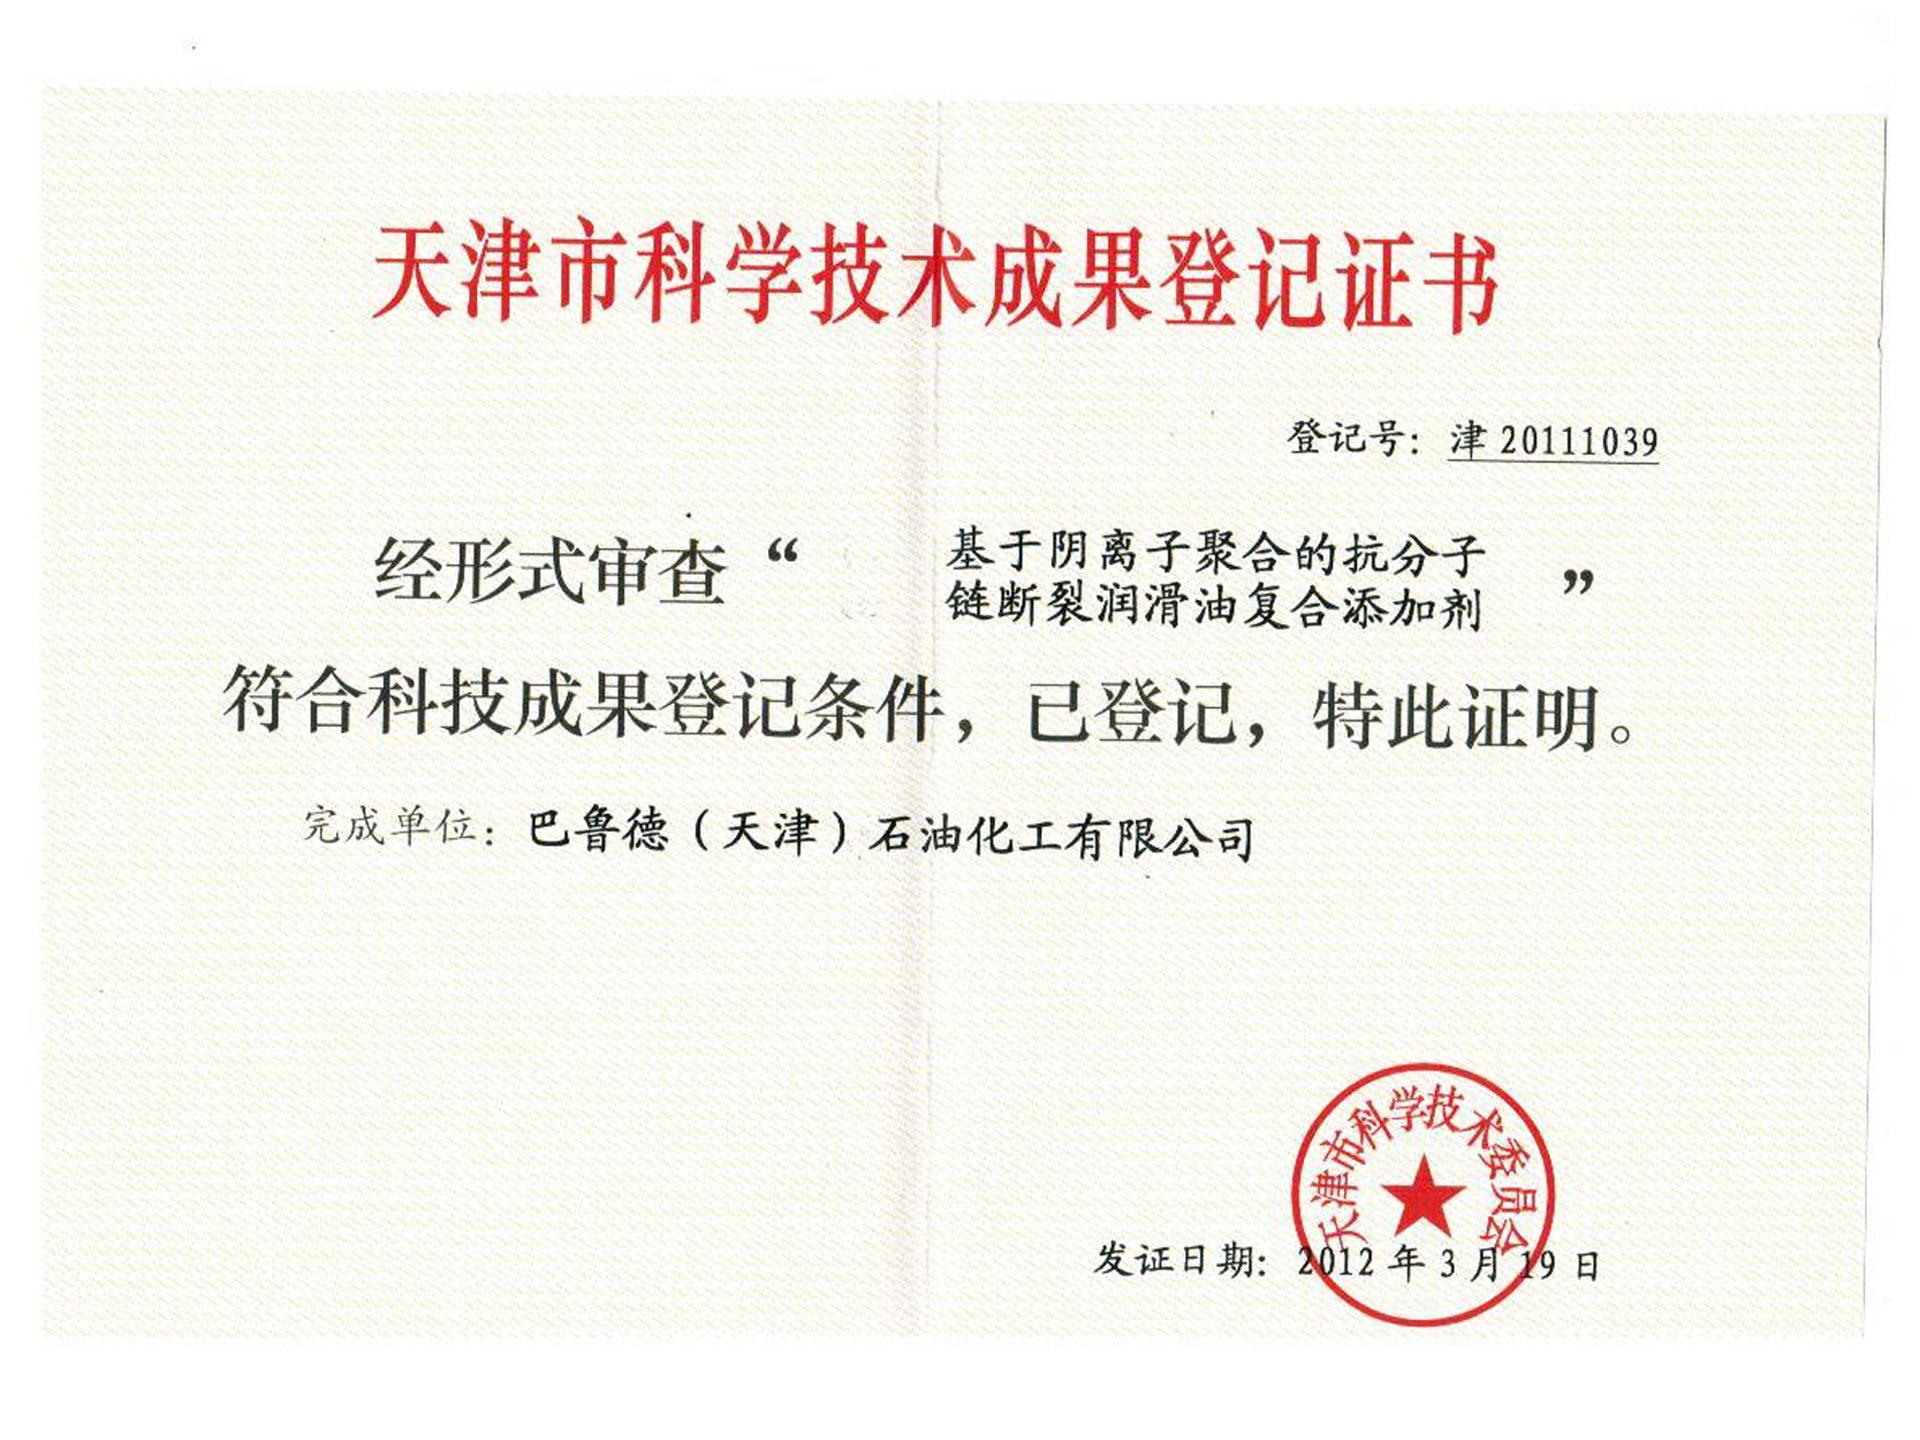 天津市科学技术成果登记